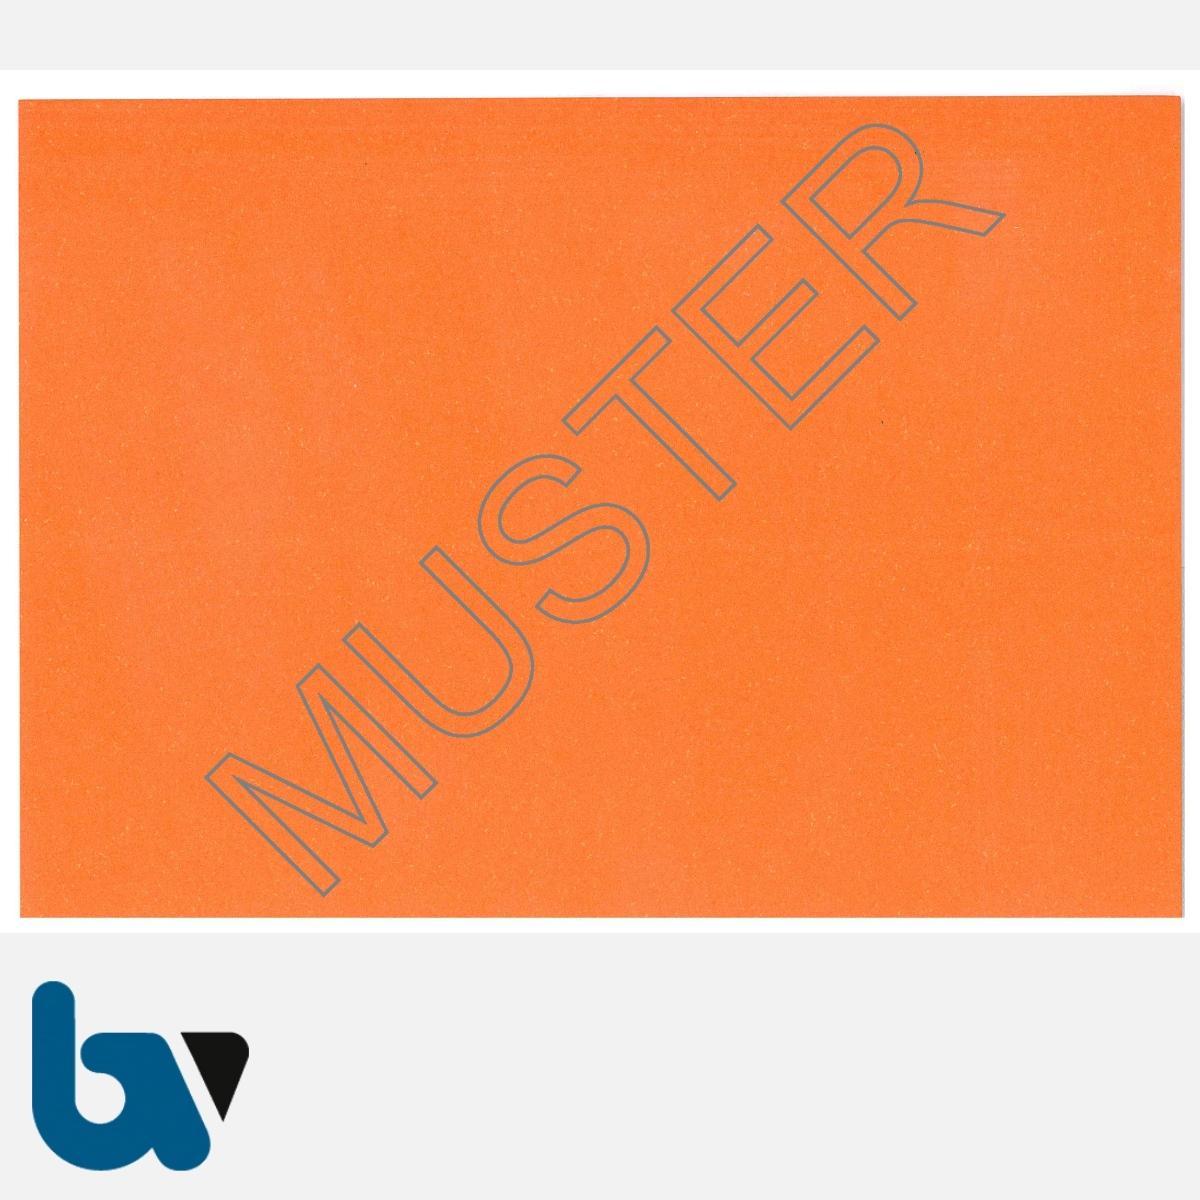 0/685-10 Parkausweis zur Ausnahmegenehmigung über Parkerleichterungen BRD orange Modell behinderte Menschen DIN A6 RS | Borgard Verlag GmbH